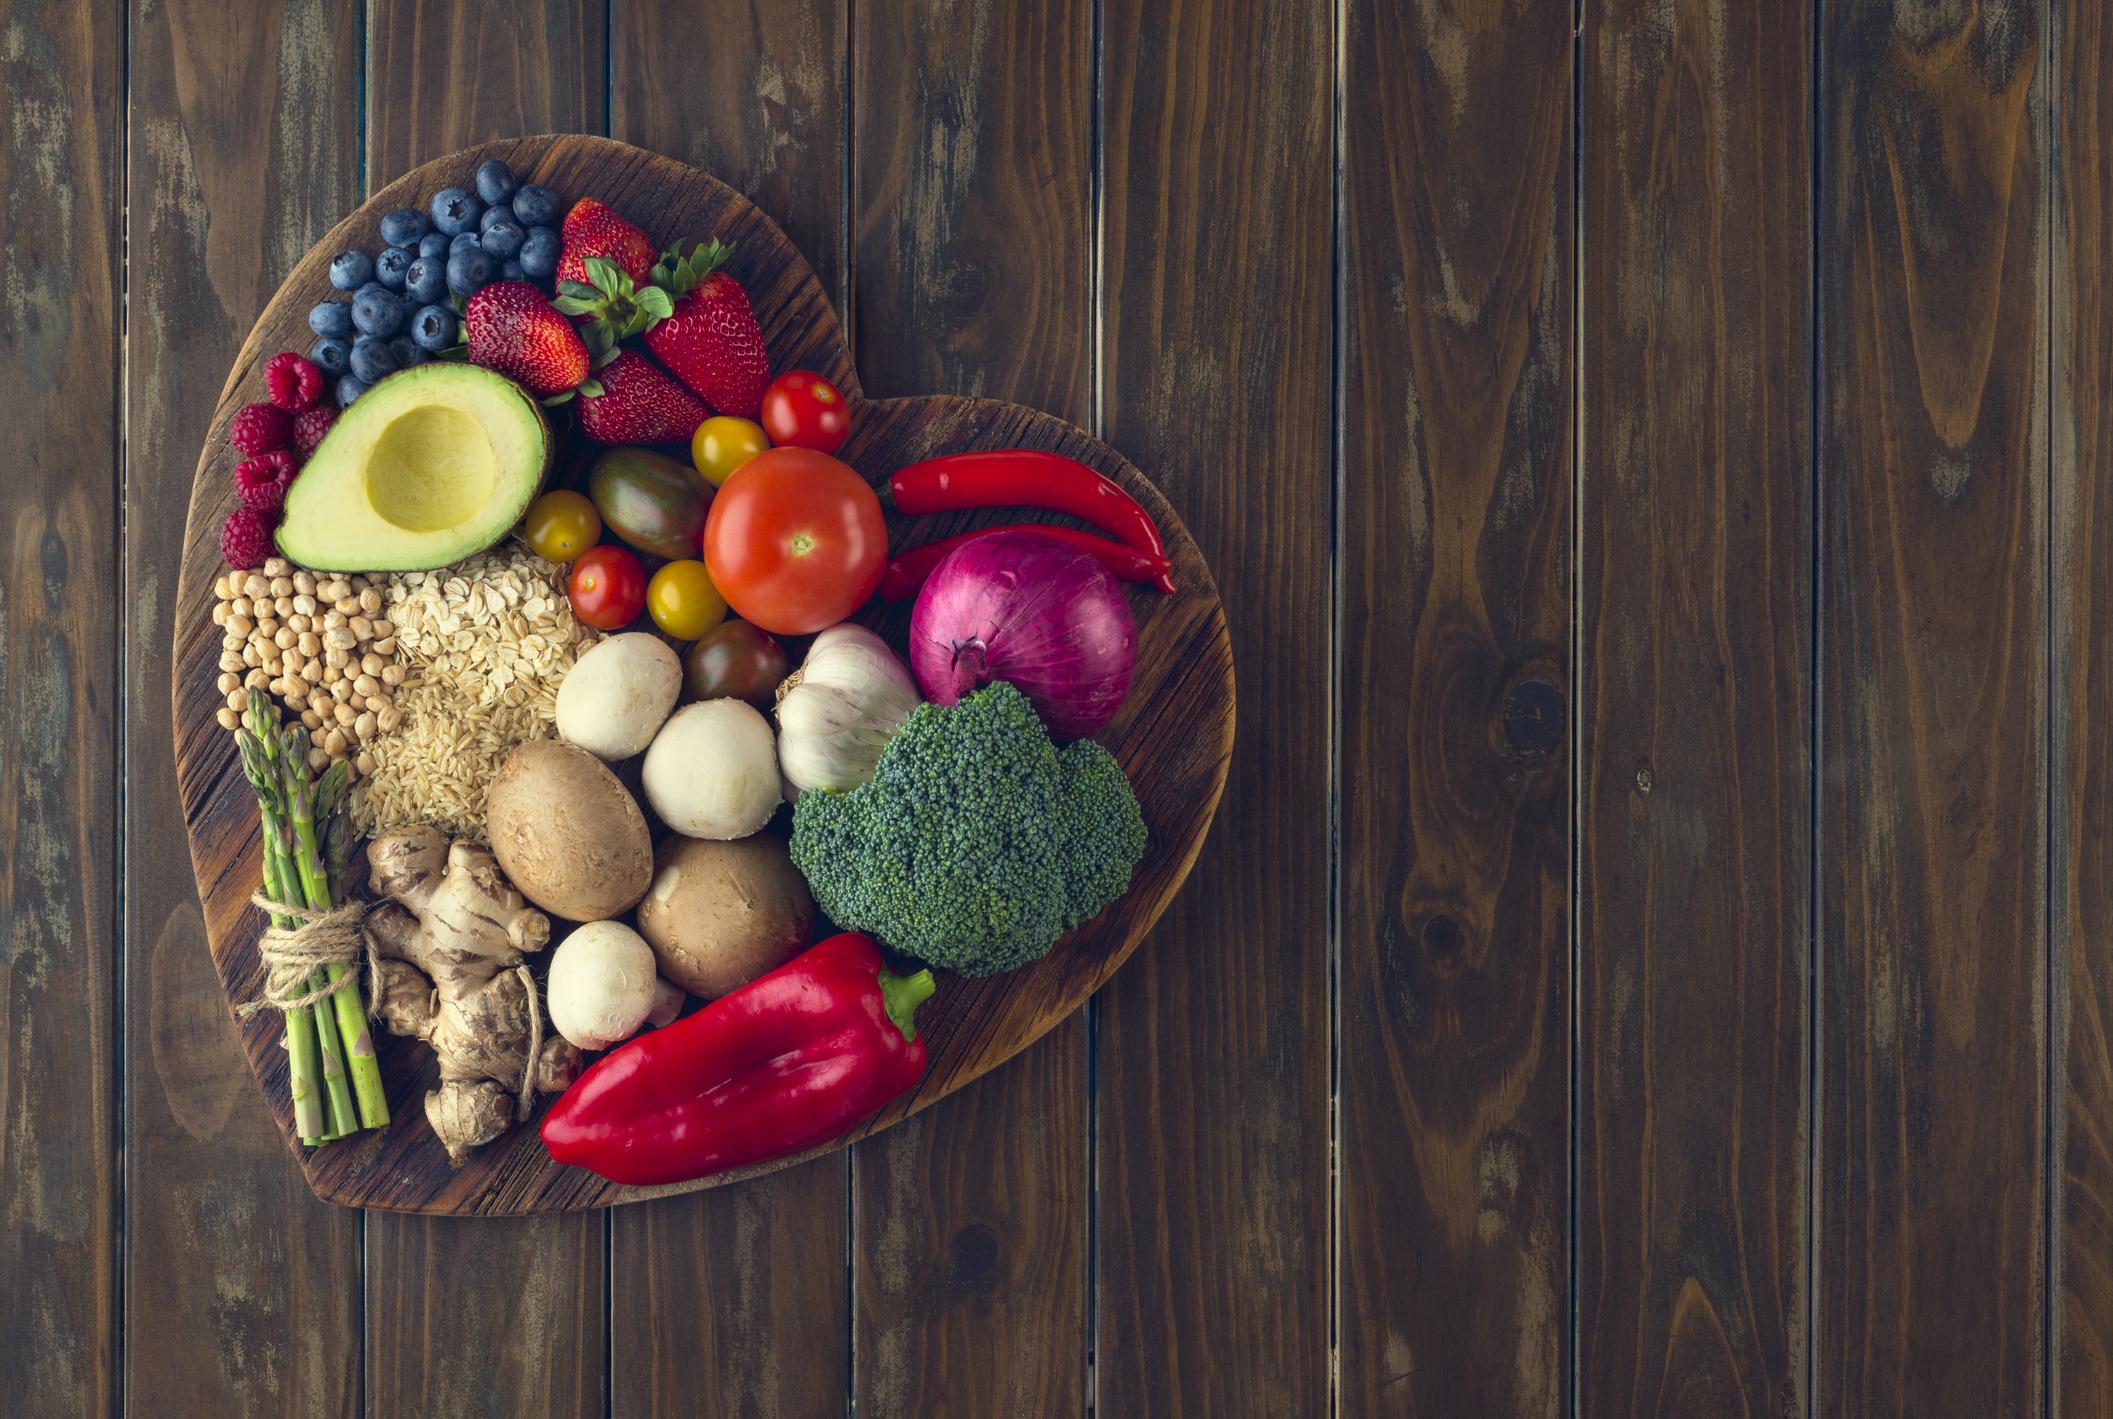 ダイエットに効果的!食物繊維を簡単にとる方法 レシピ付き